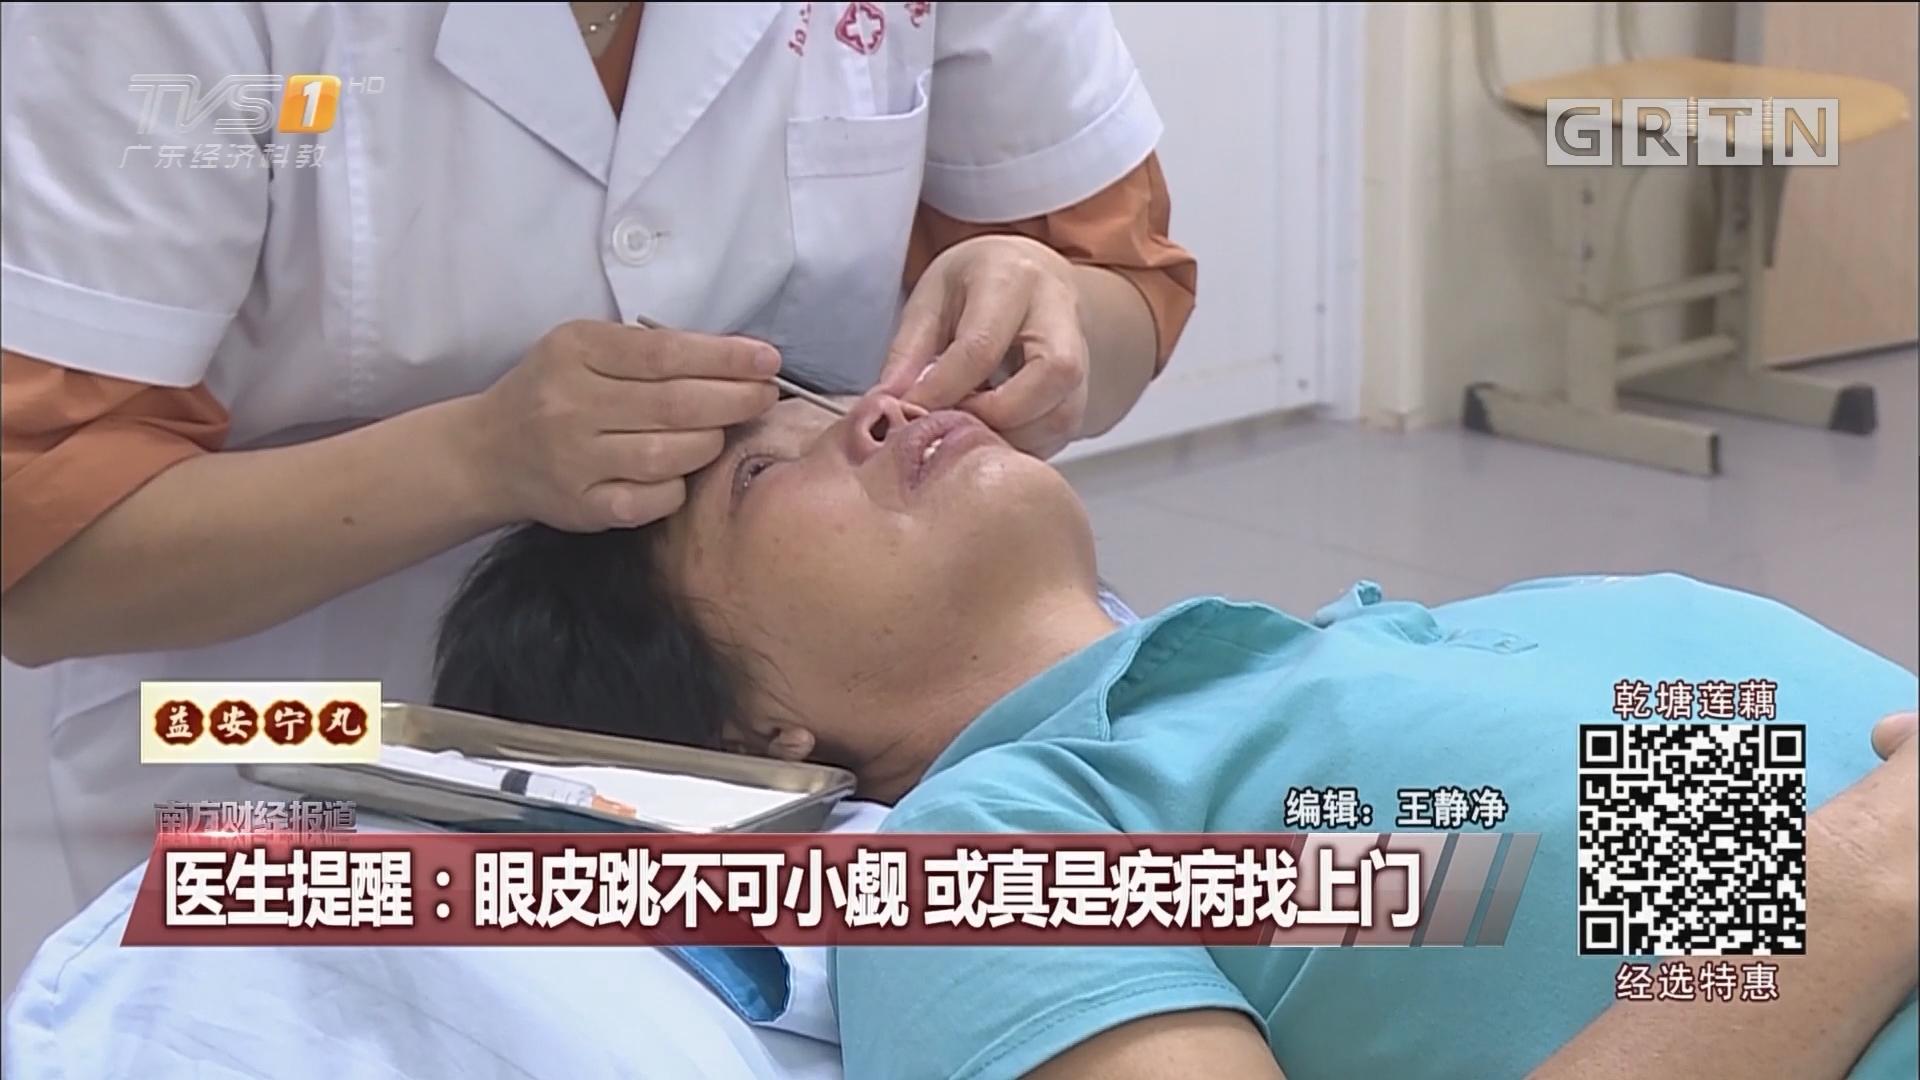 医生提醒:眼皮跳不可小觑 或真是疾病找上门